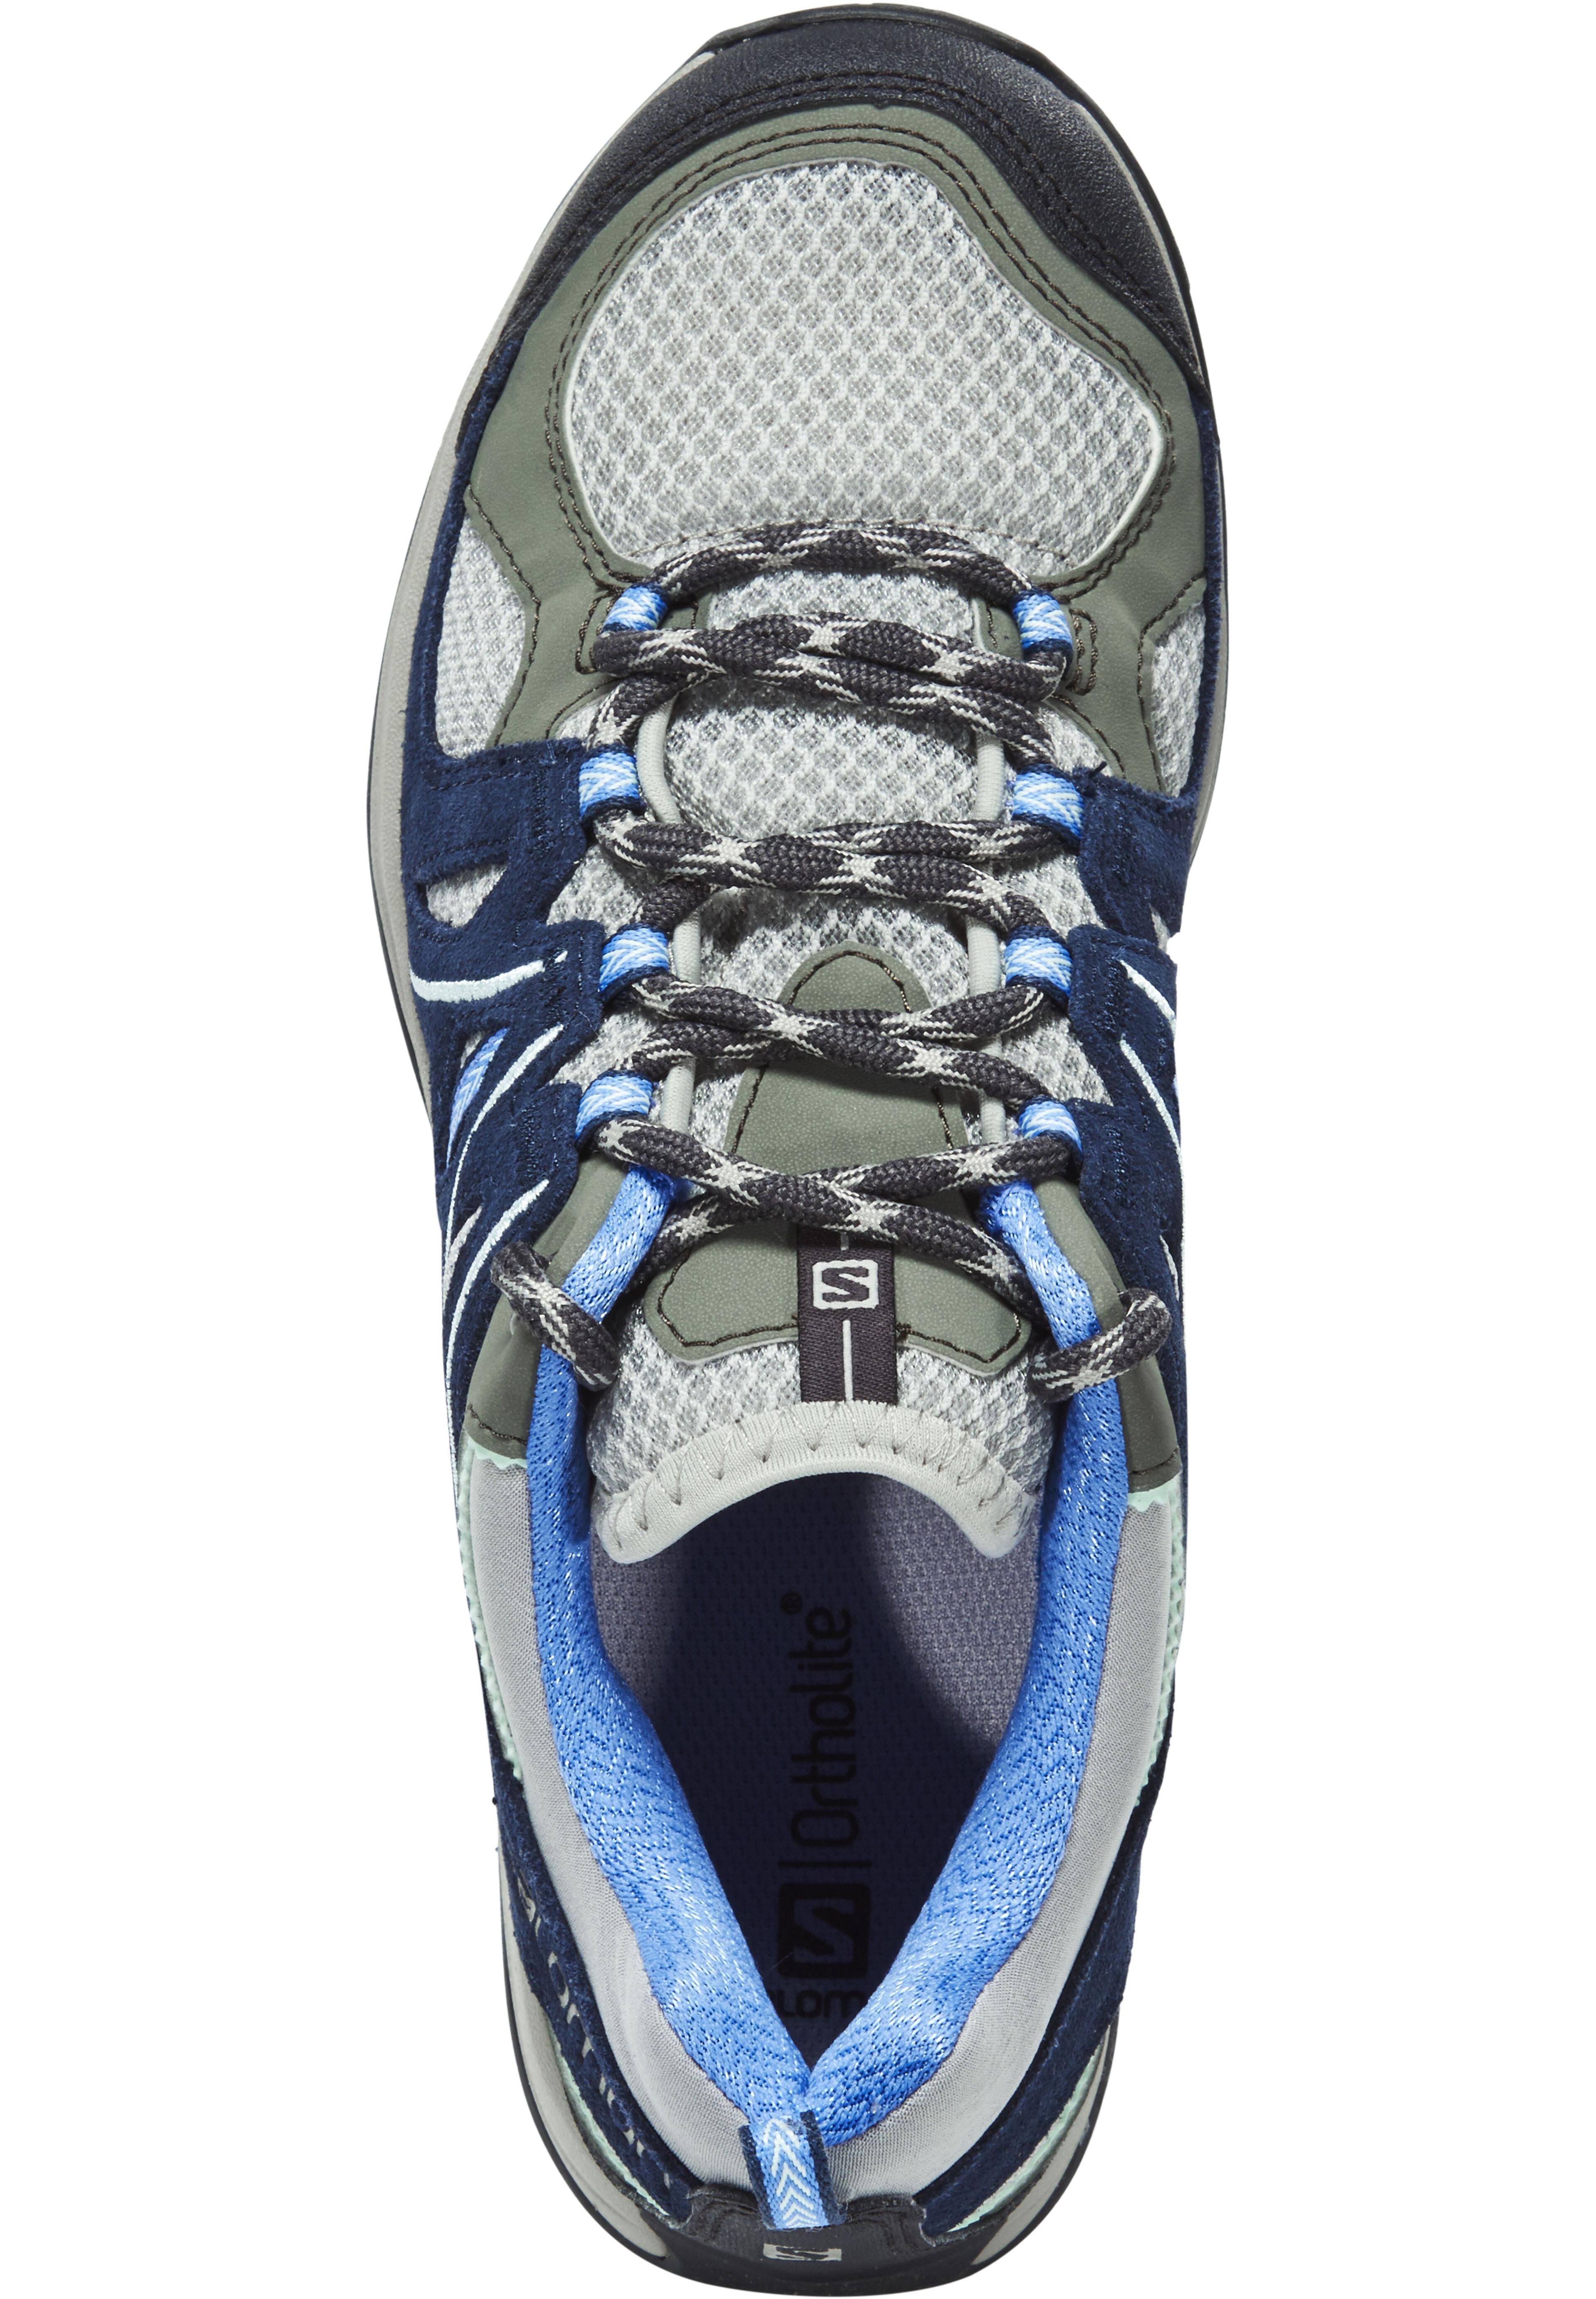 507b2d829ae Salomon Ellipse 2 Aero - Chaussures Femme - gris bleu sur CAMPZ !